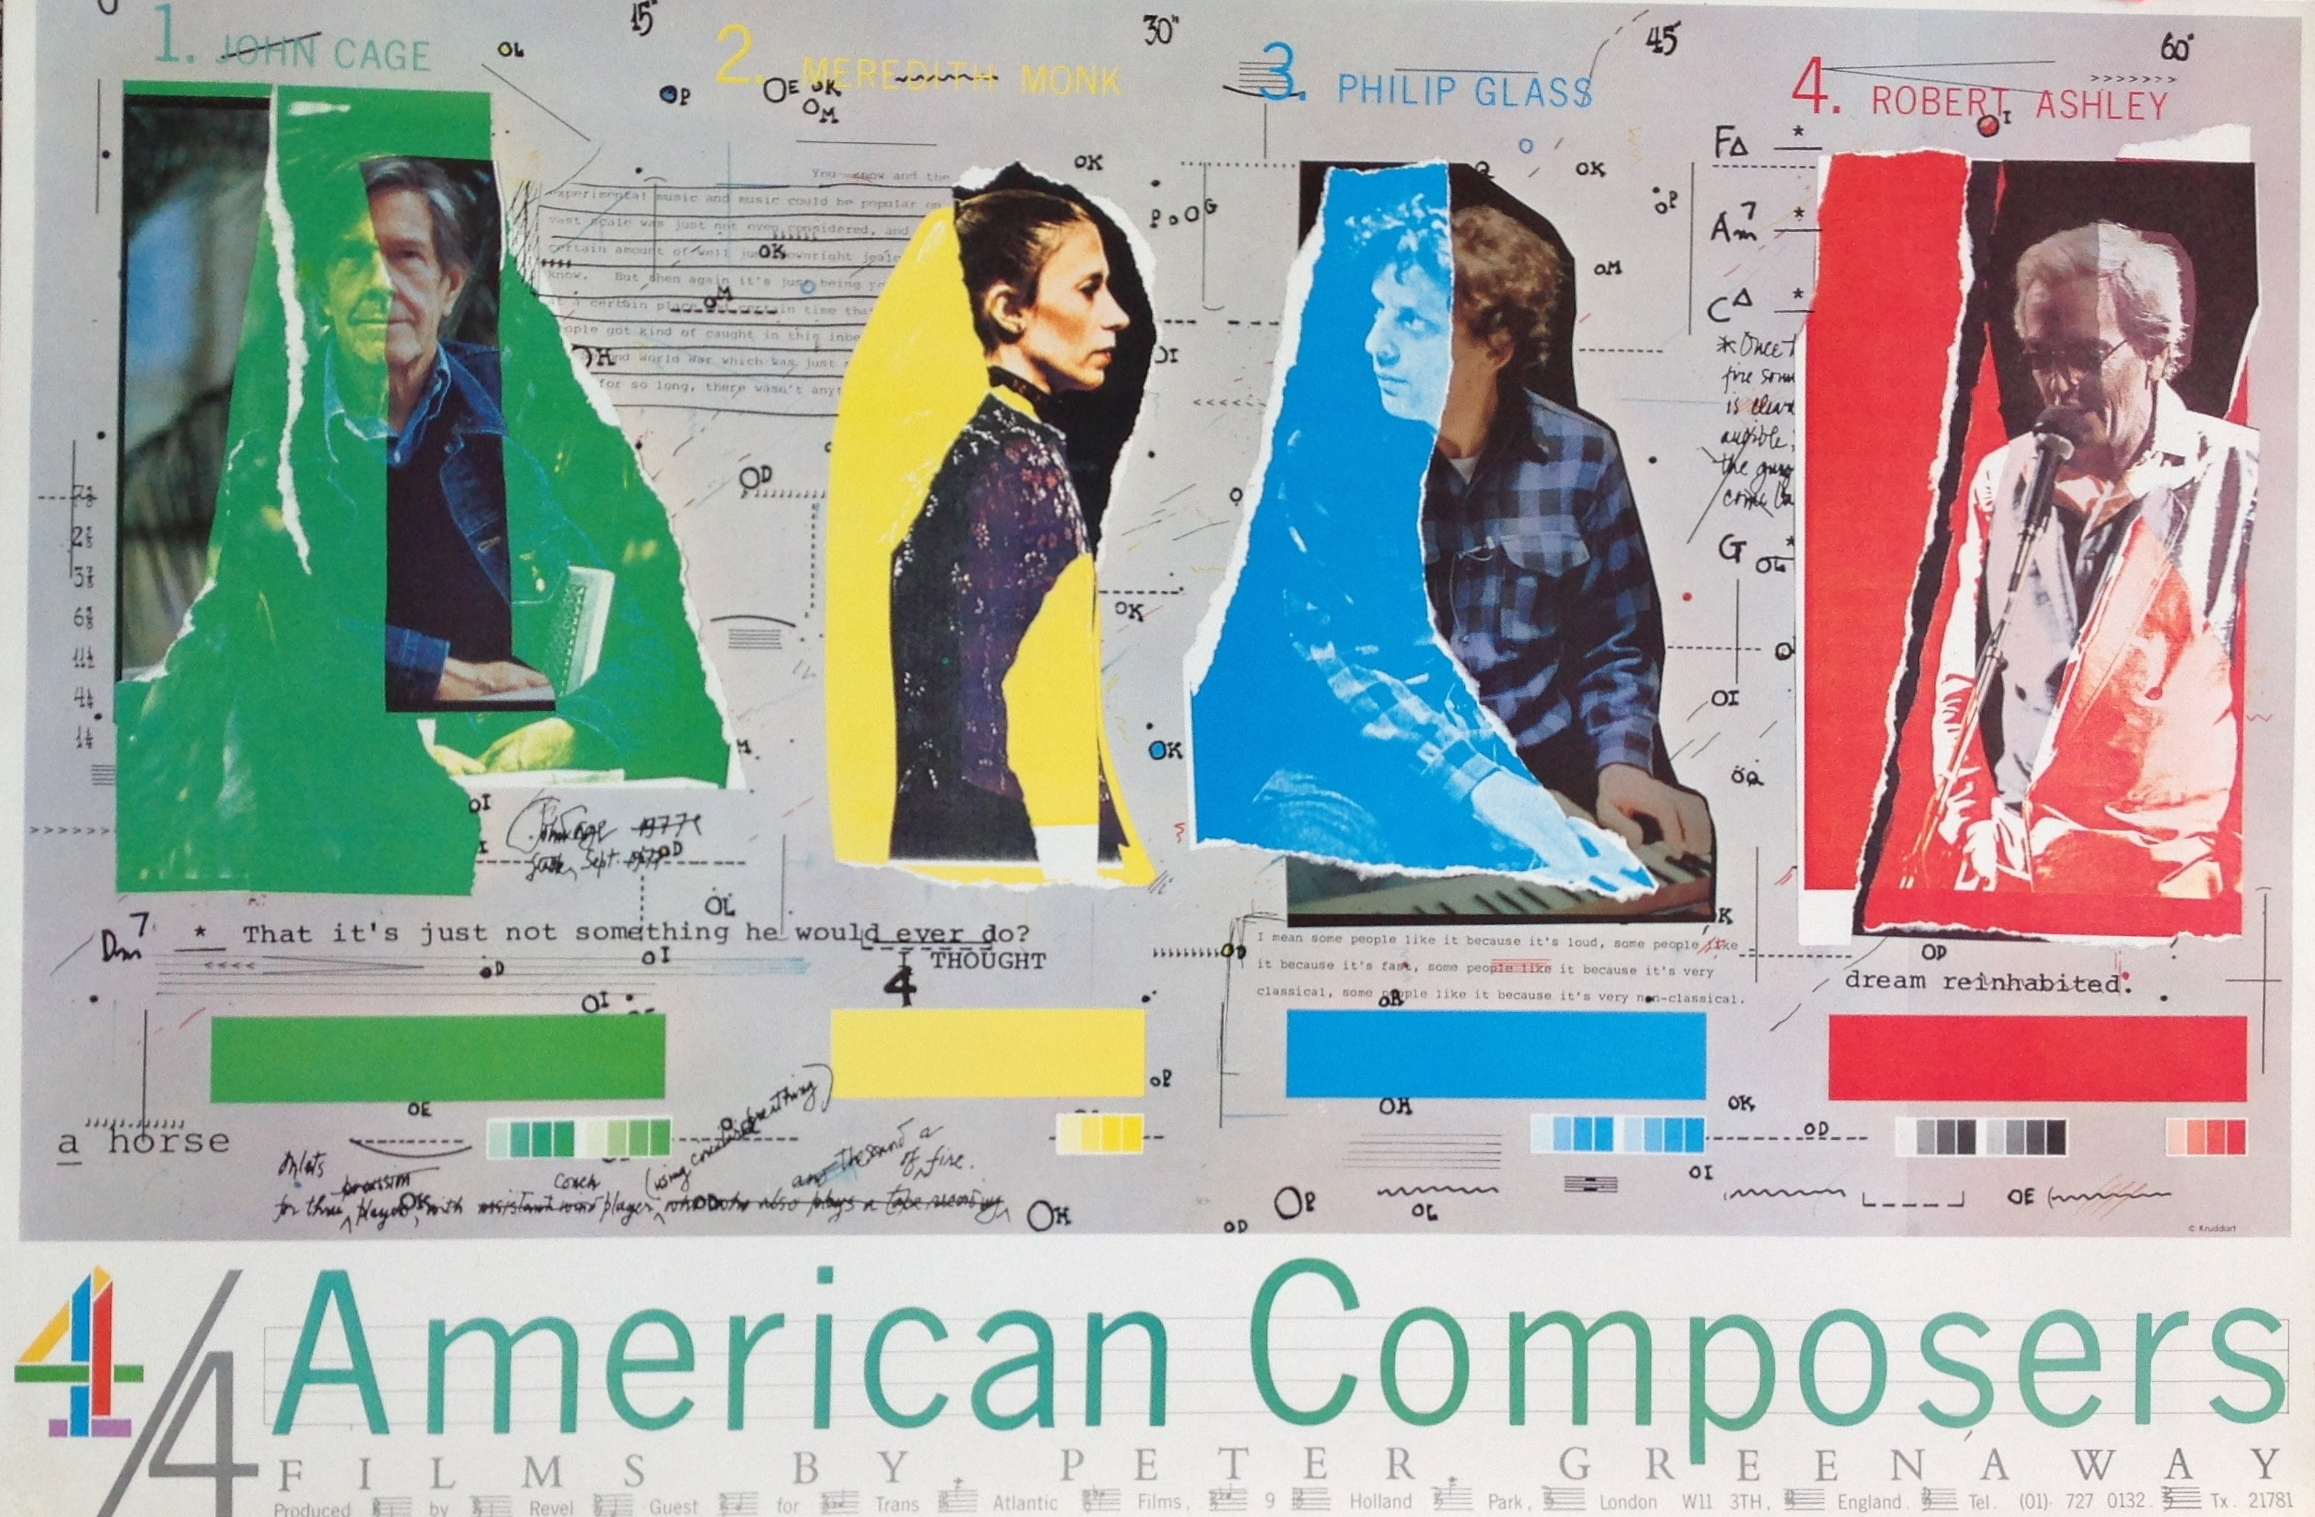 4 американских композитора фильм 1983 - википедия